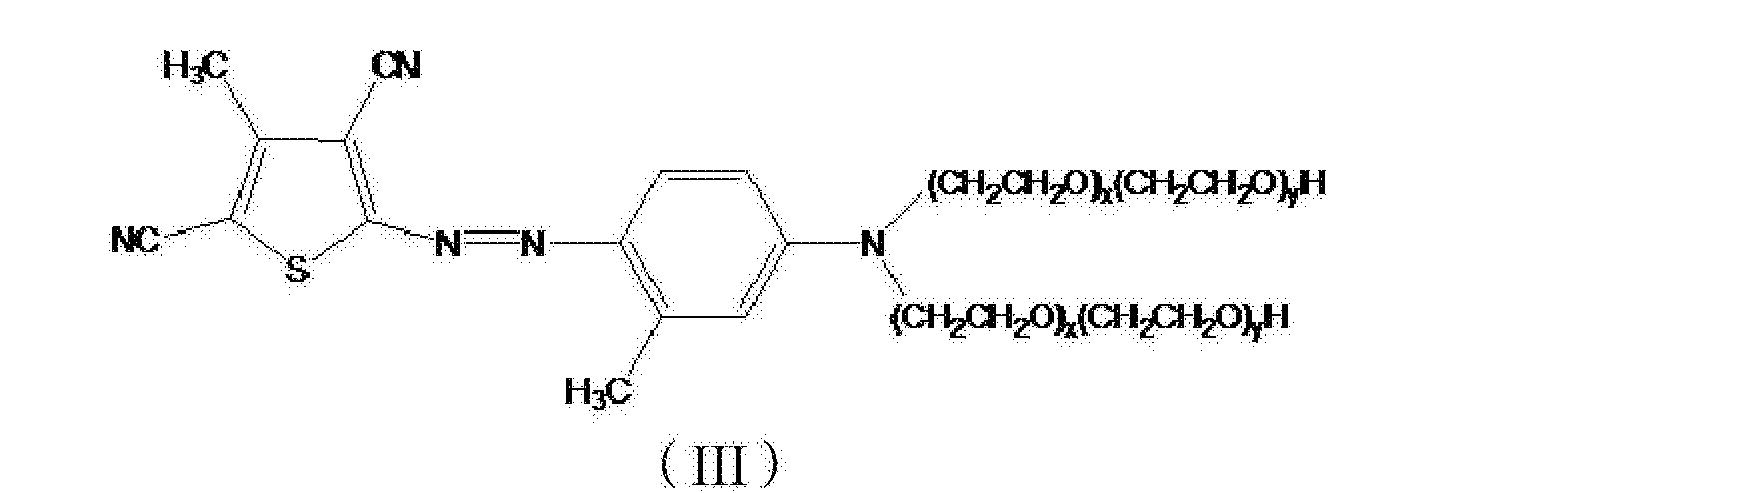 Figure CN103025929BD00322